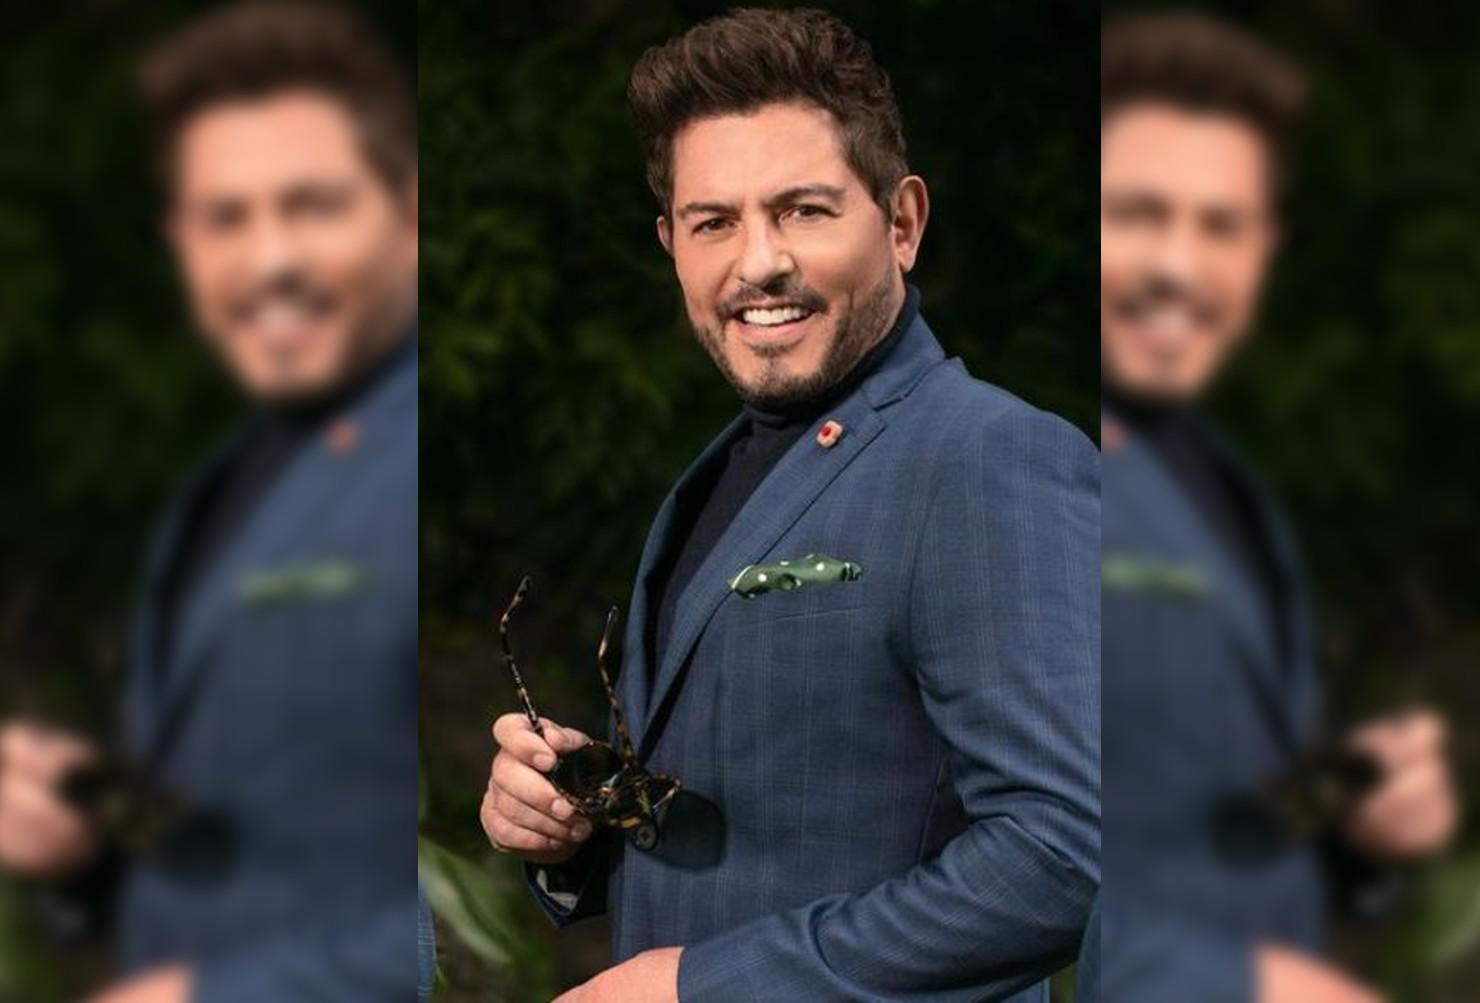 Ernesto Laguardia nos platica sobre su regreso a Televisa, anhela consolidar su carrera